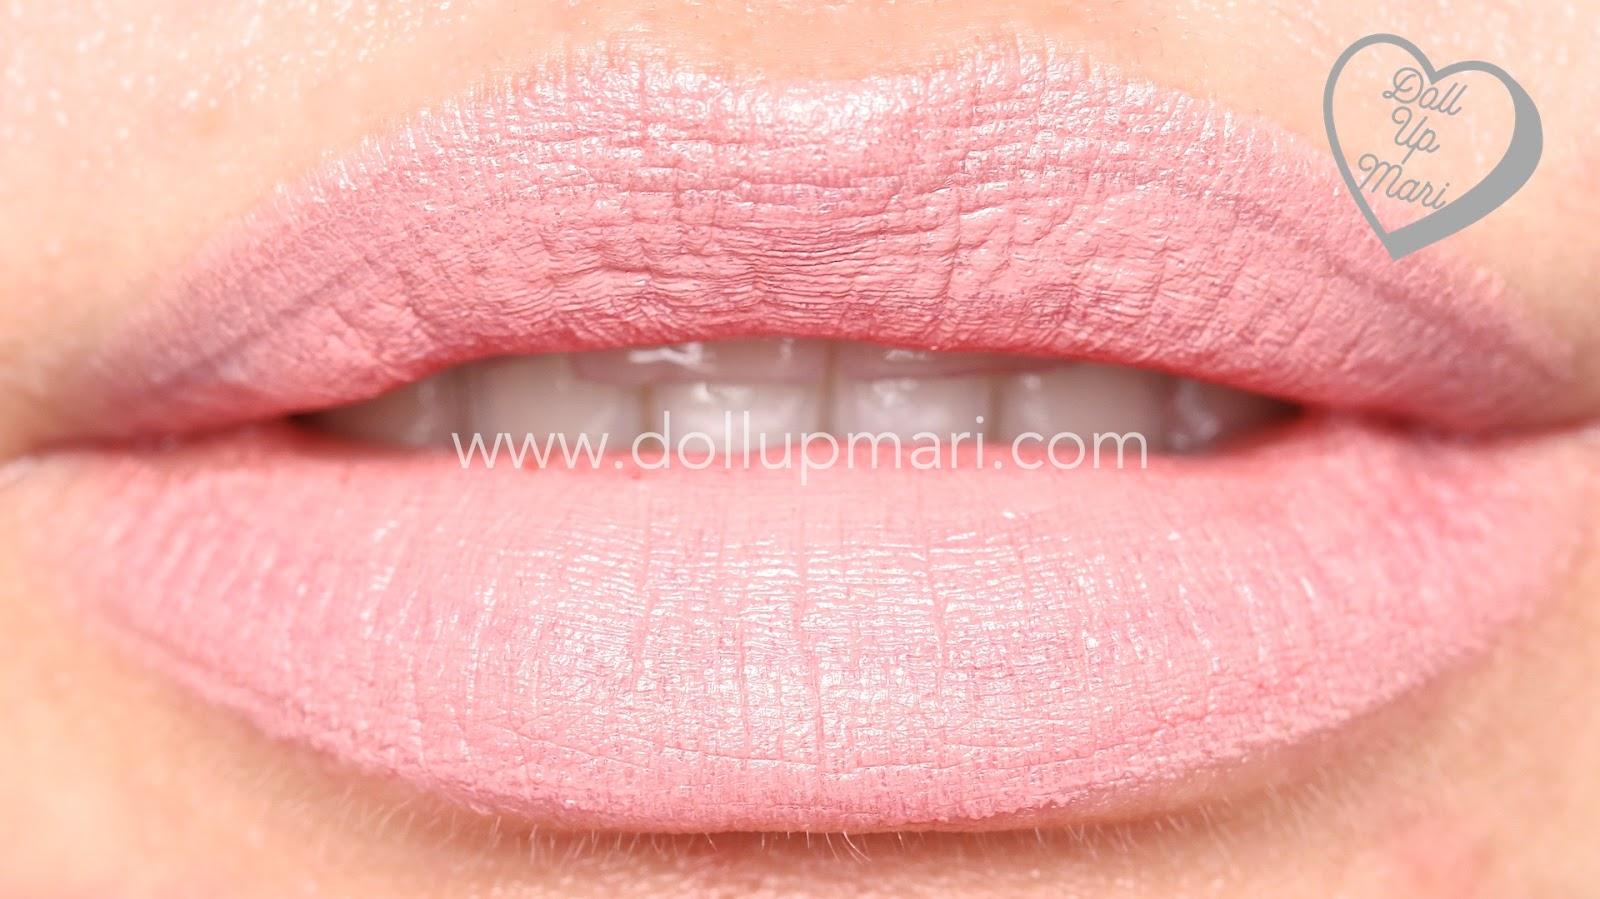 lip swatch of Blush Shade of AVON Perfectly Matte Lipstick